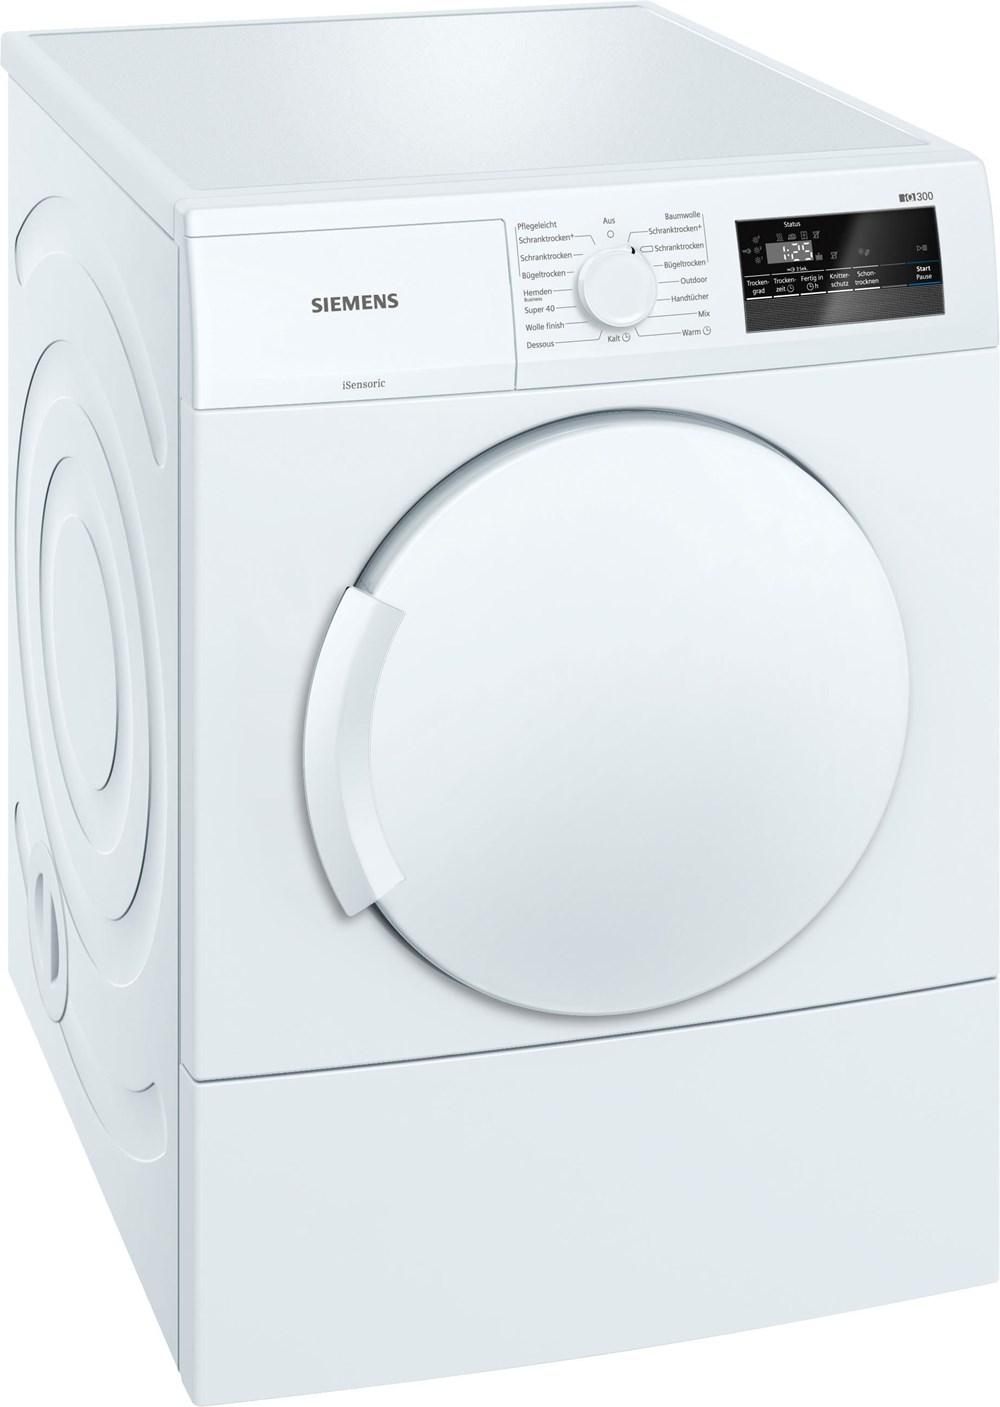 Siemens WT33A200 Ablufttrockner (EEK: C) - Preisvergleich